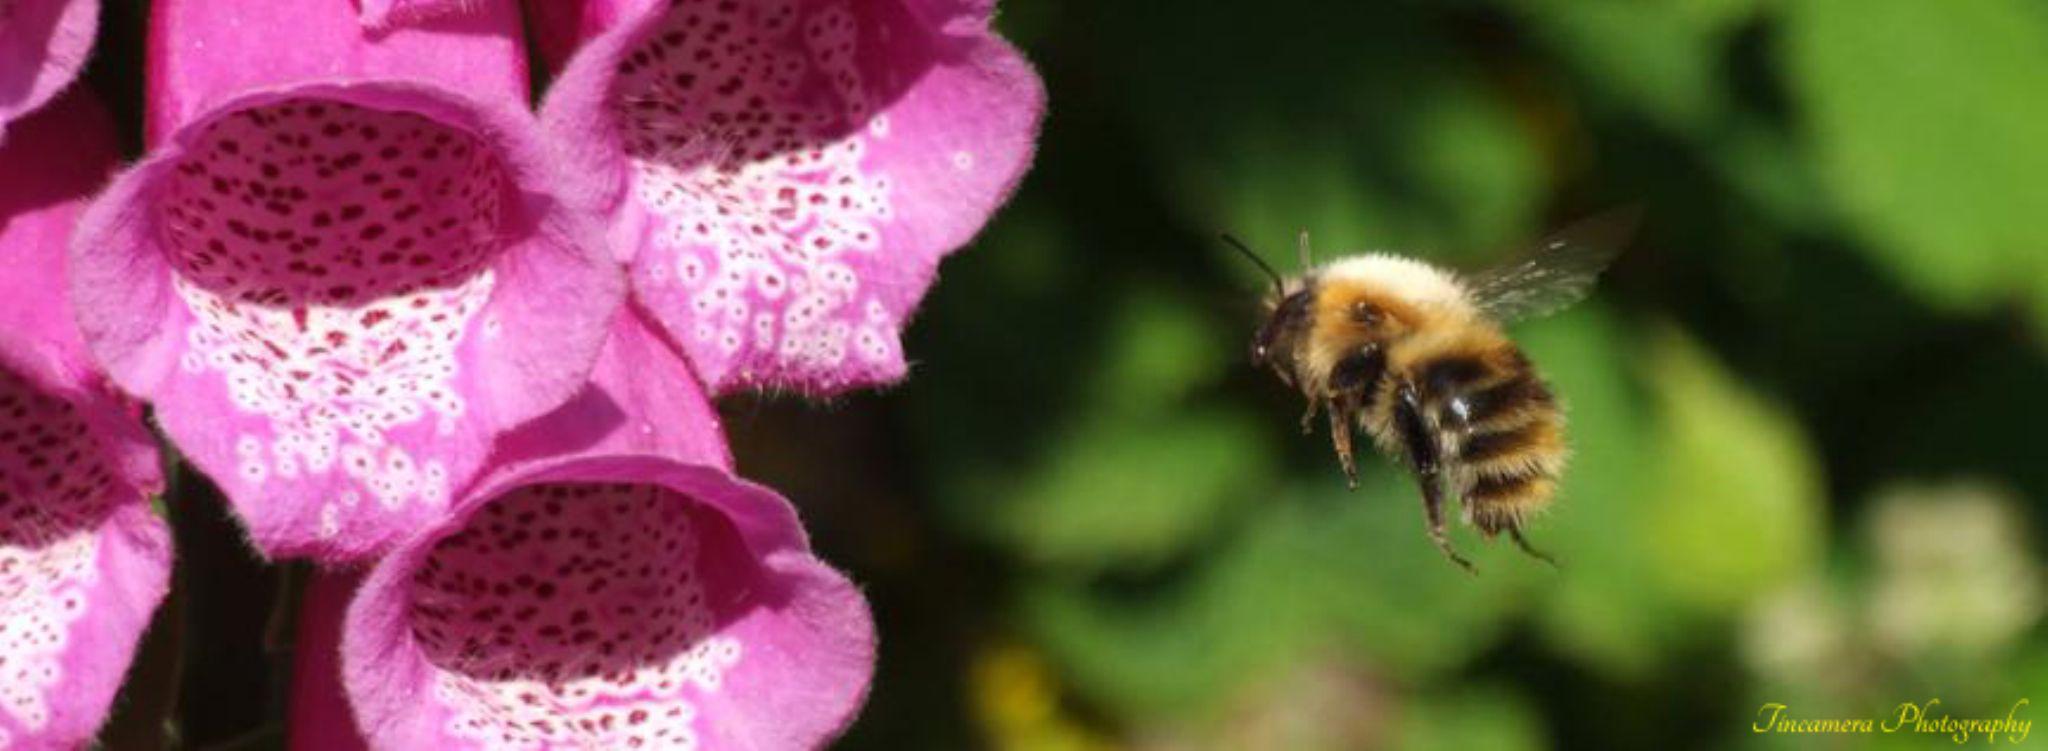 Foxglove & Bee by john jenkinson